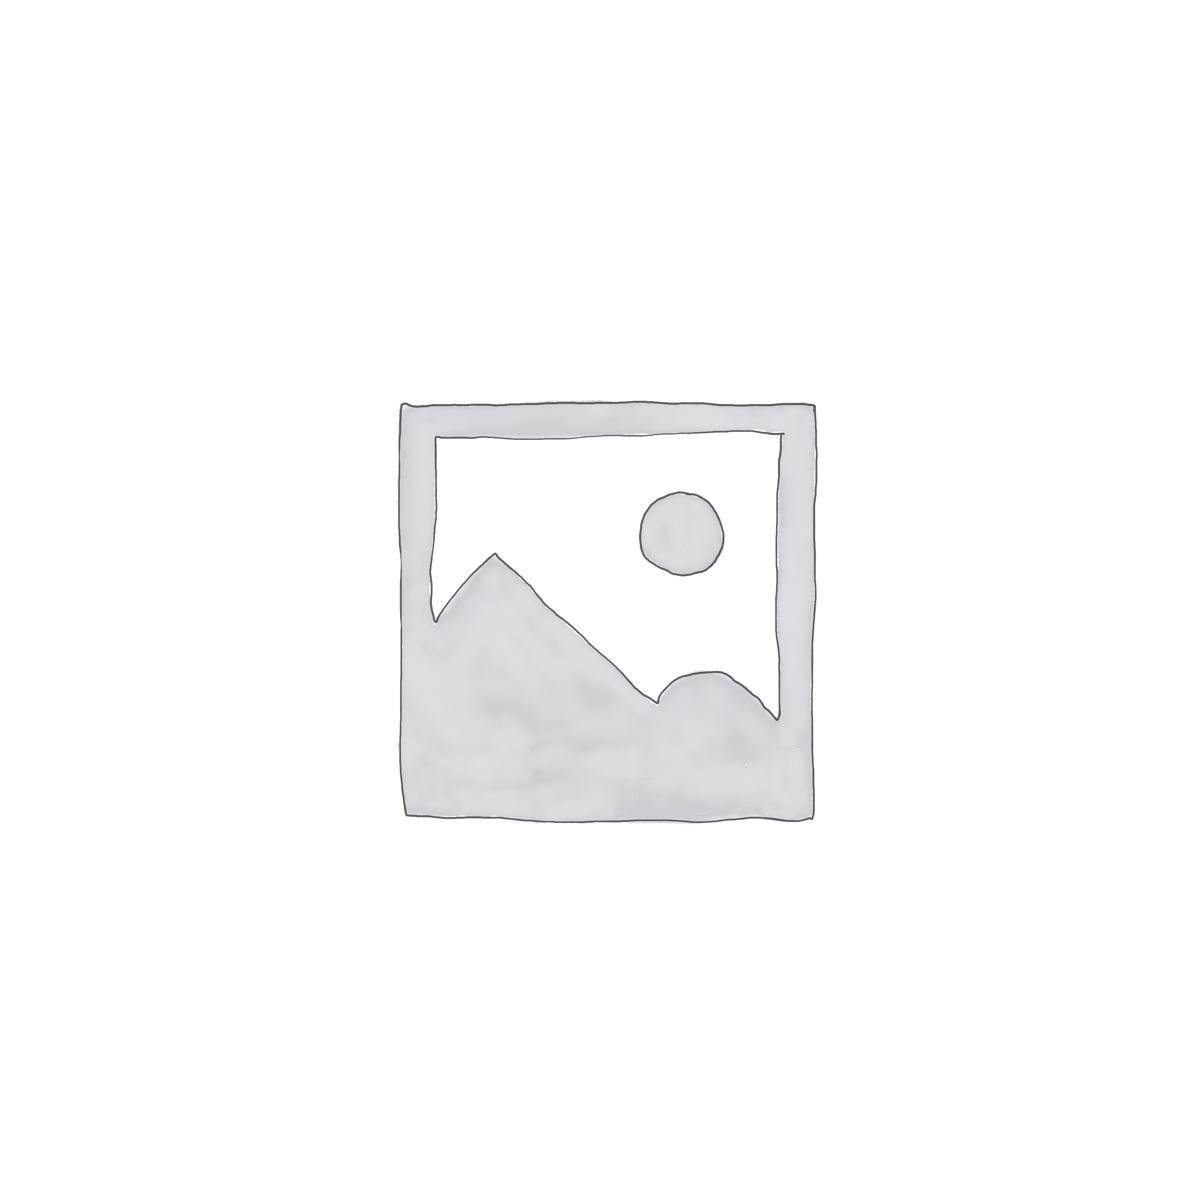 Anssems – AMT – 2500 – 340×180